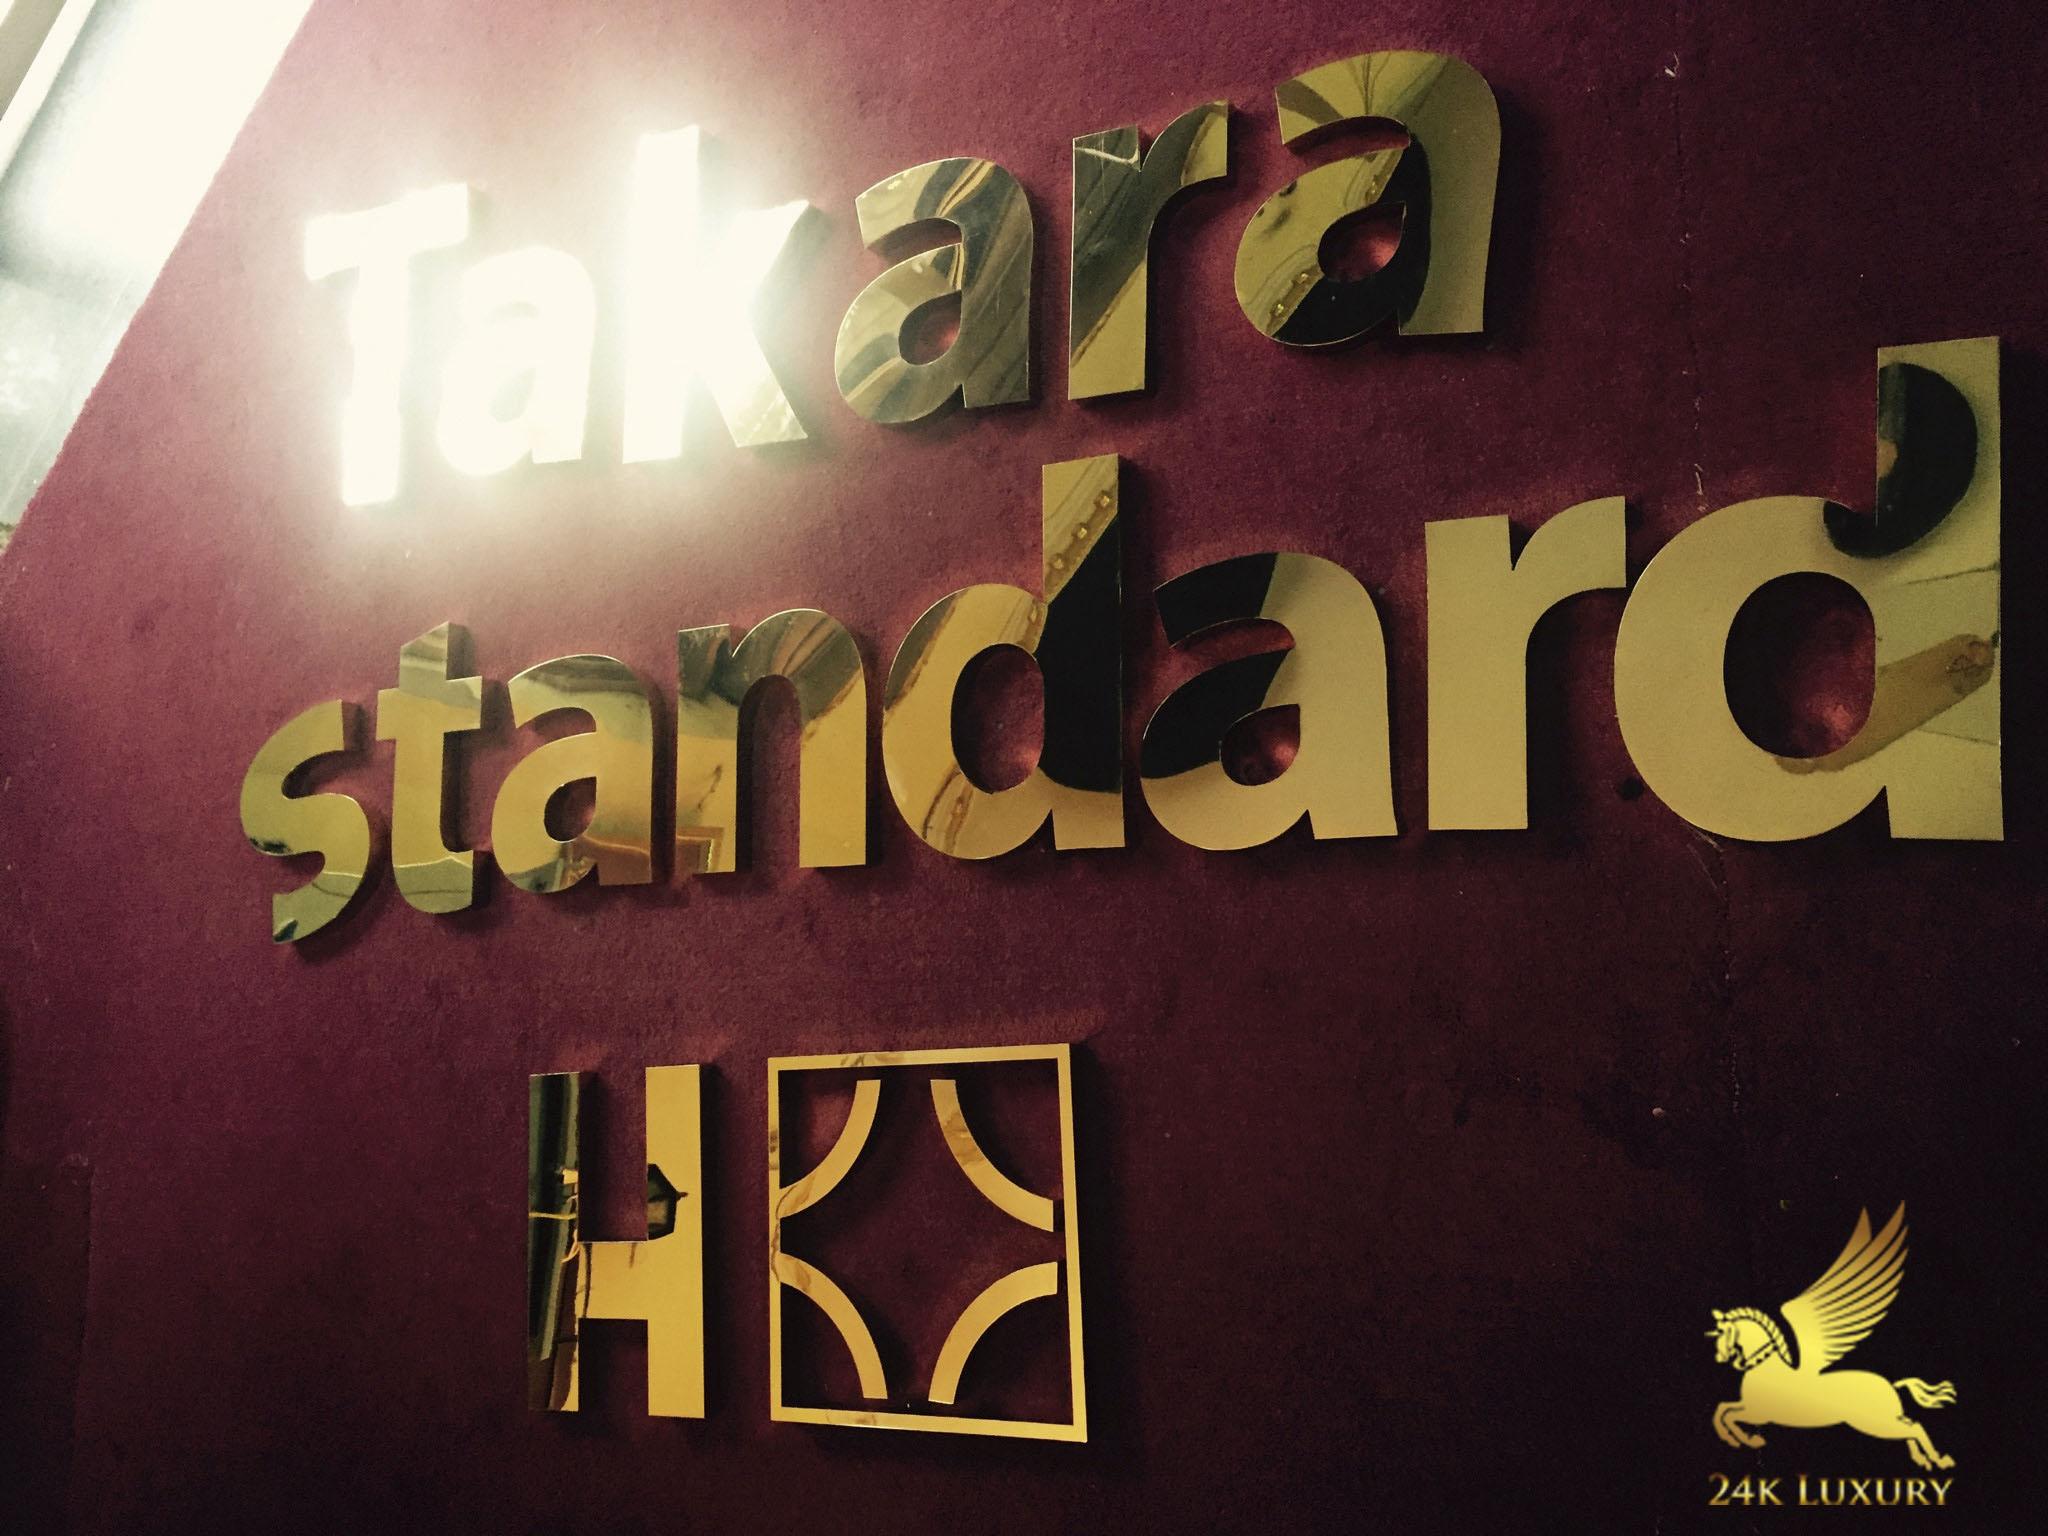 Bộ chữ Takara standard là một thương hiệu của các sản phẩm nội thất nhà bếp xuất xứ từ Nhật